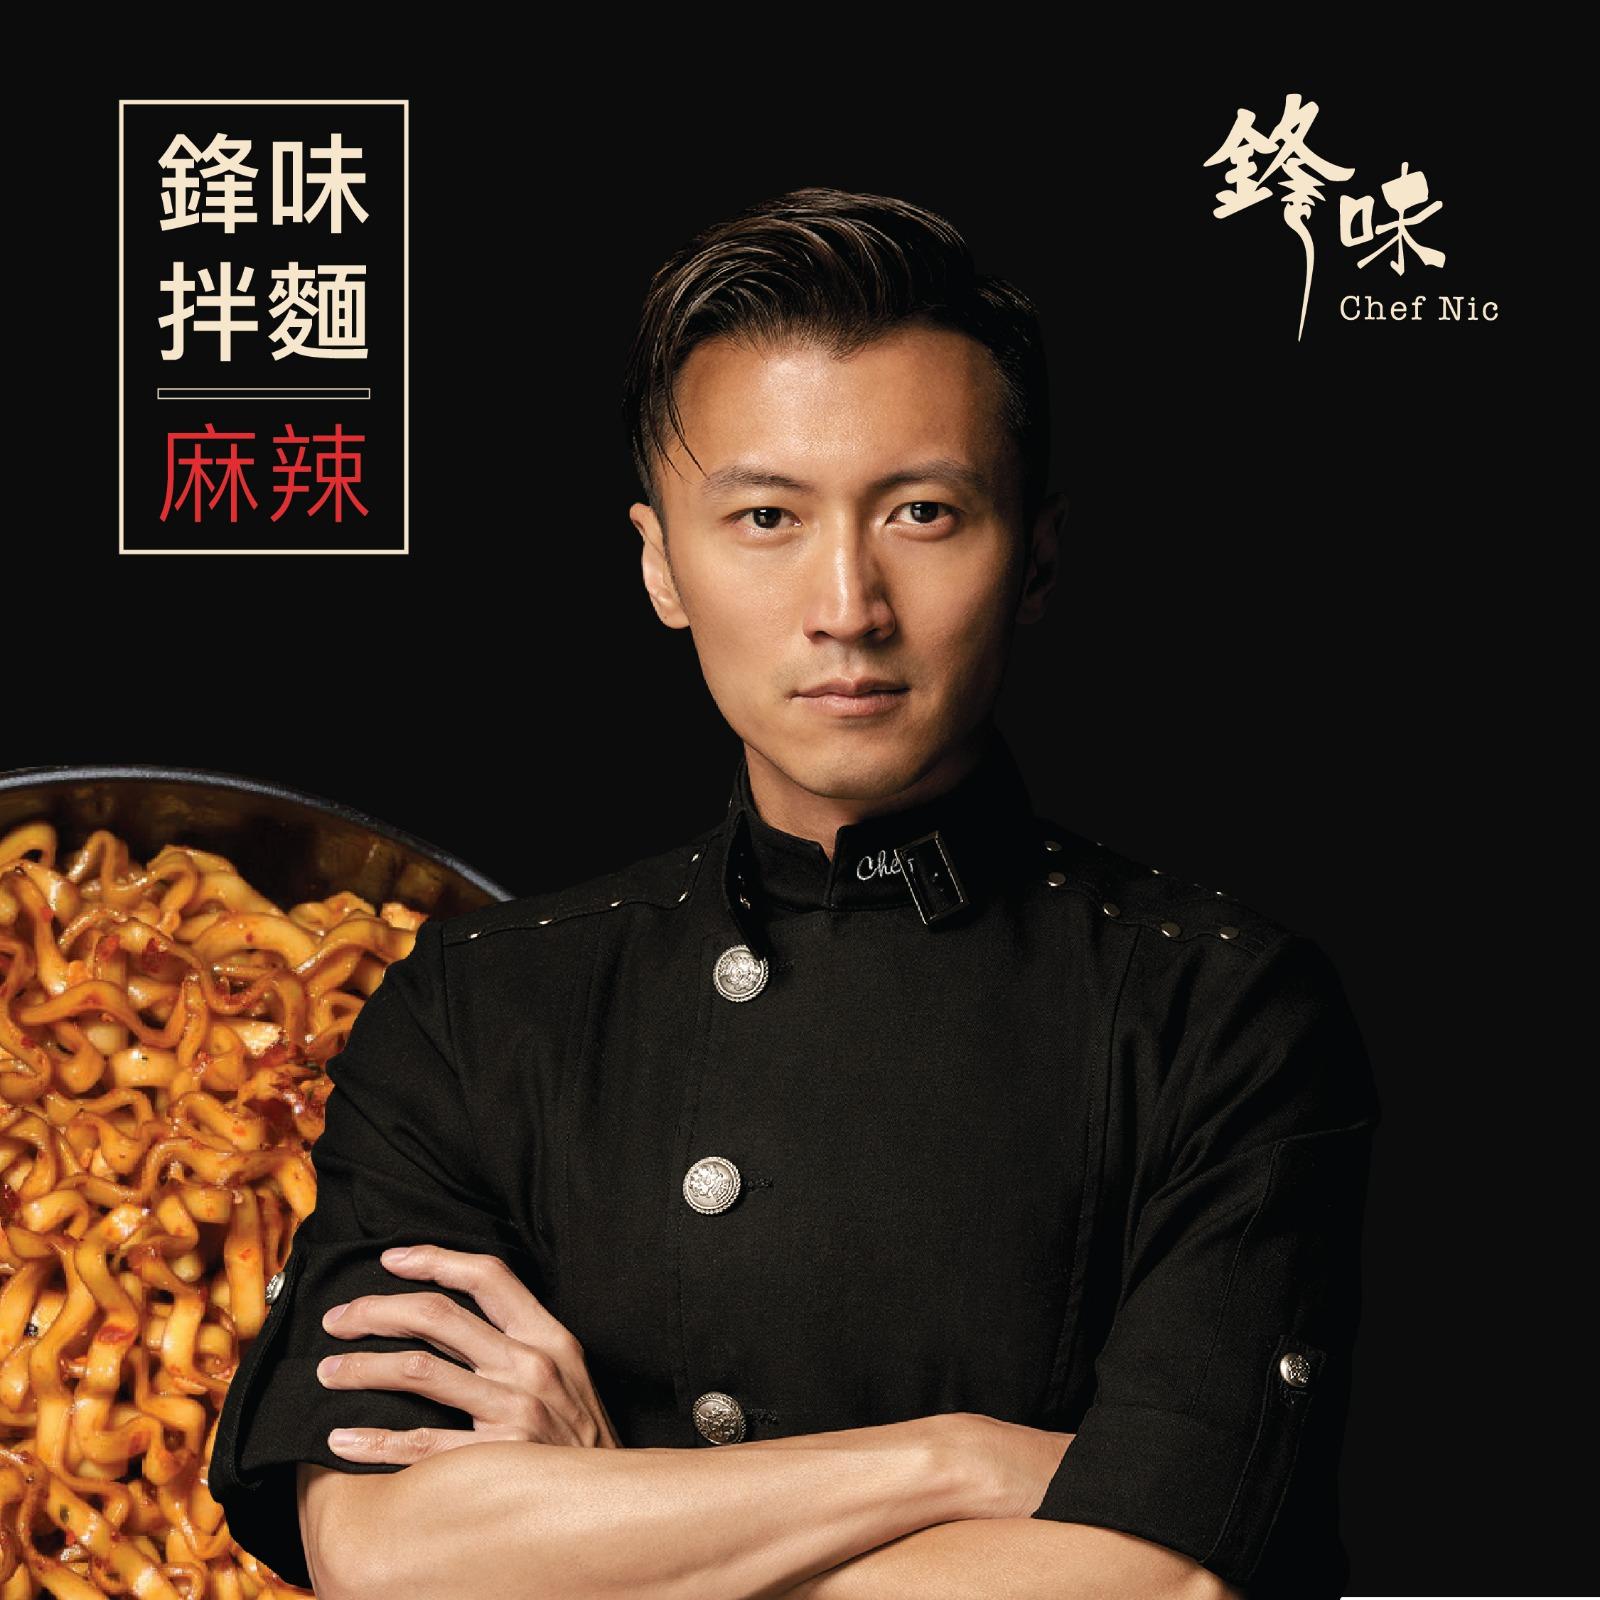 圖:謝霆鋒創立品牌「鋒味拌麵」大舉進軍拌面產品激烈戰場。